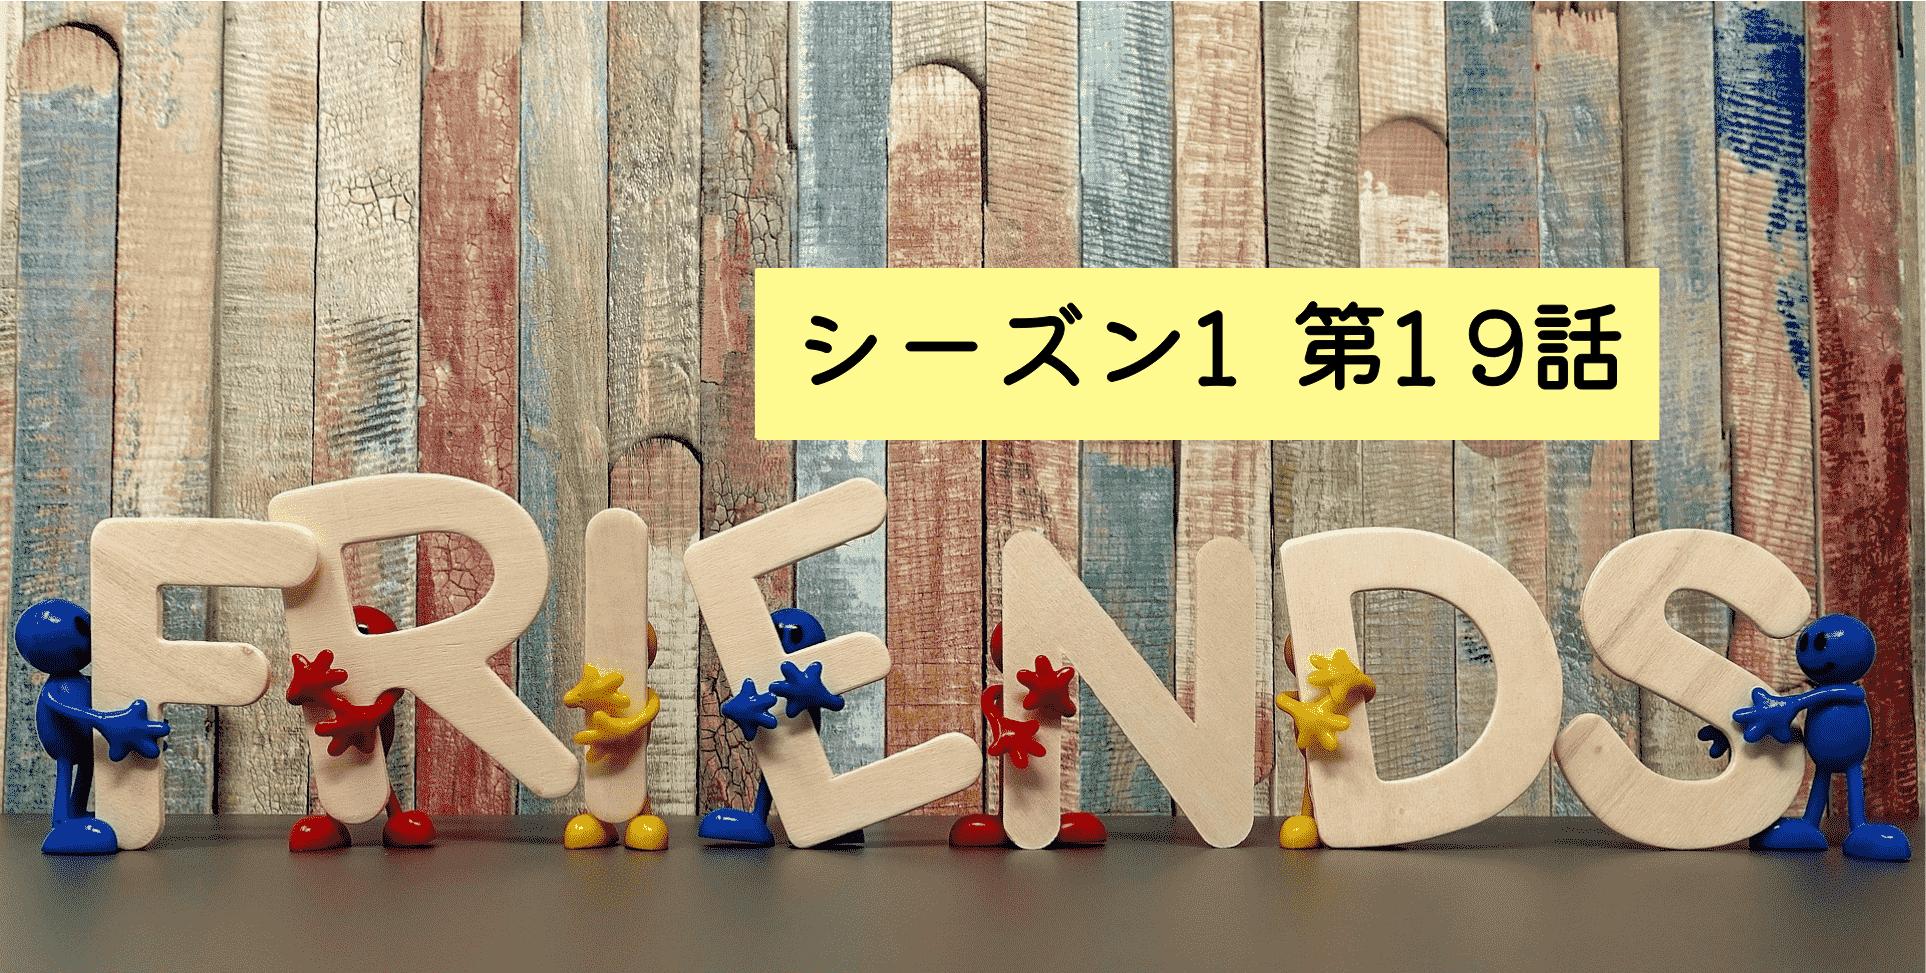 【英語でドラマフレンズ】フレンズシーズン1第19話を解説!